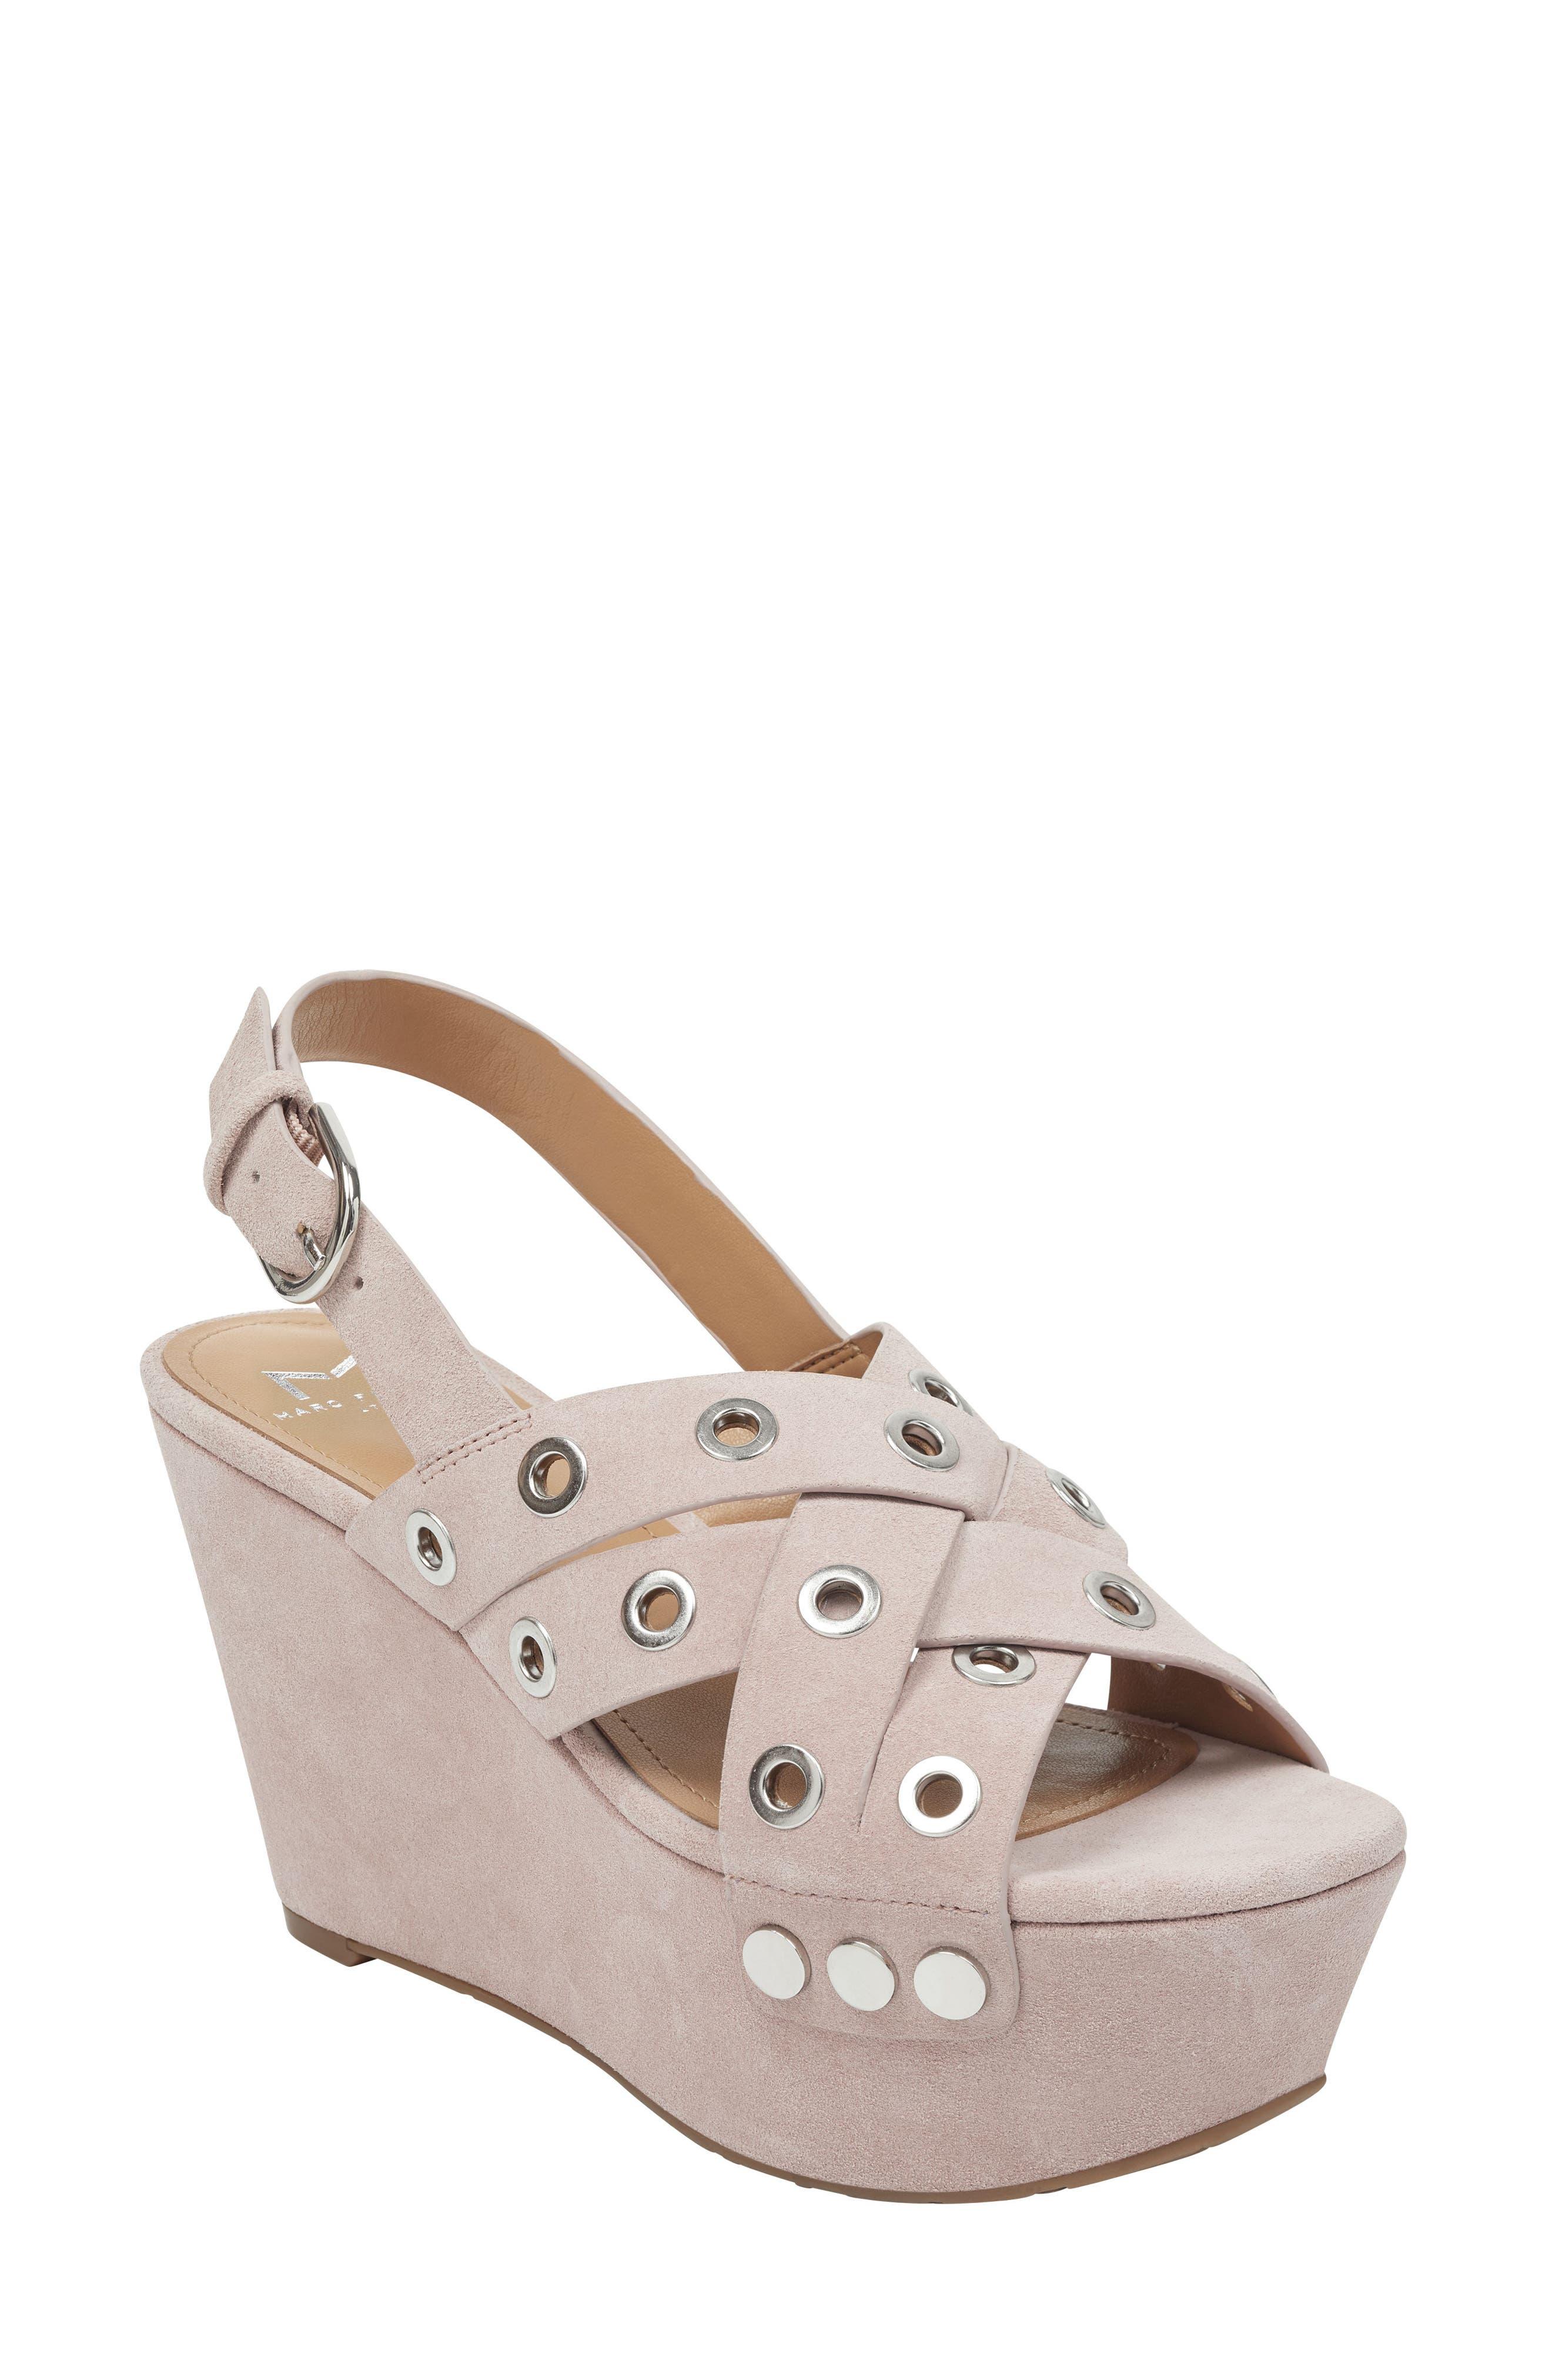 Marc Fisher Ltd Bloom Platform Sandal, Pink